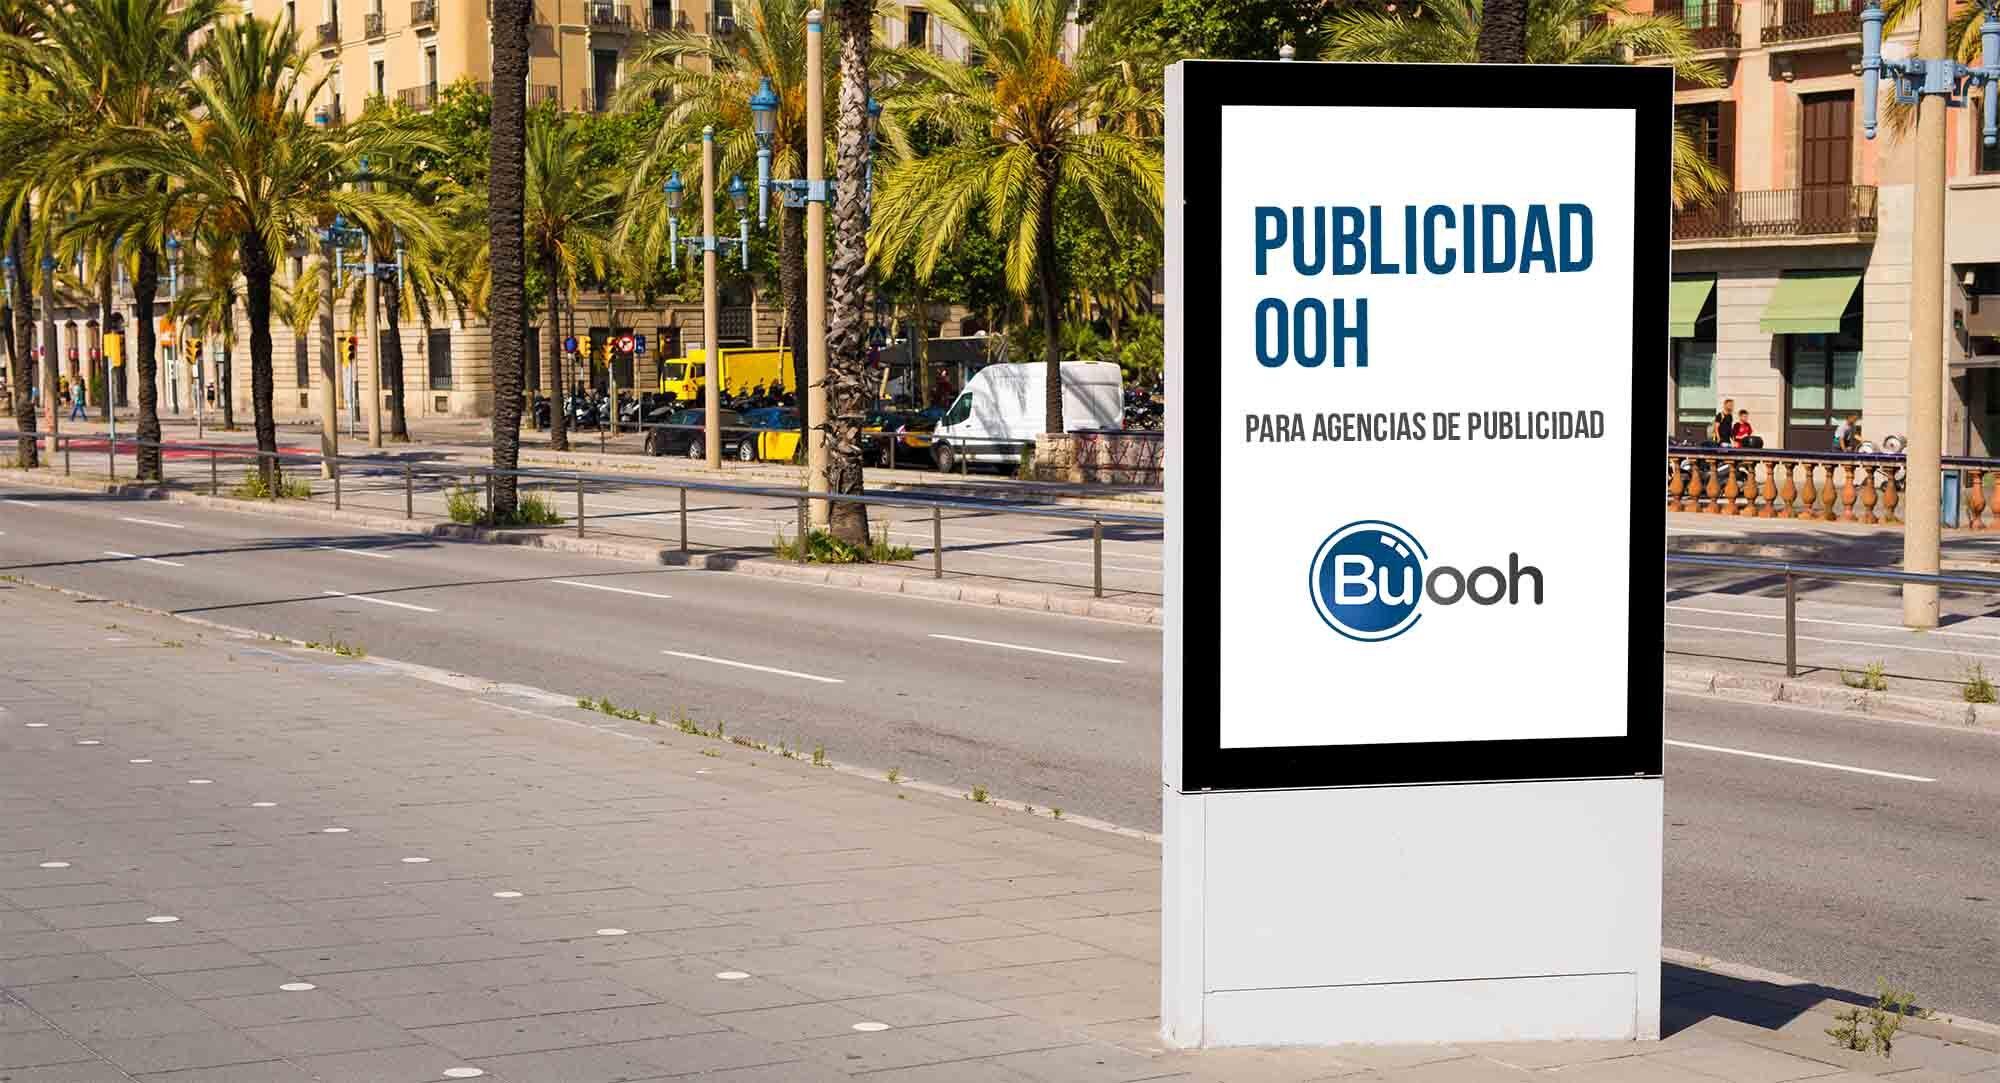 Publicidad exterior para agencias de publicidad - Buooh